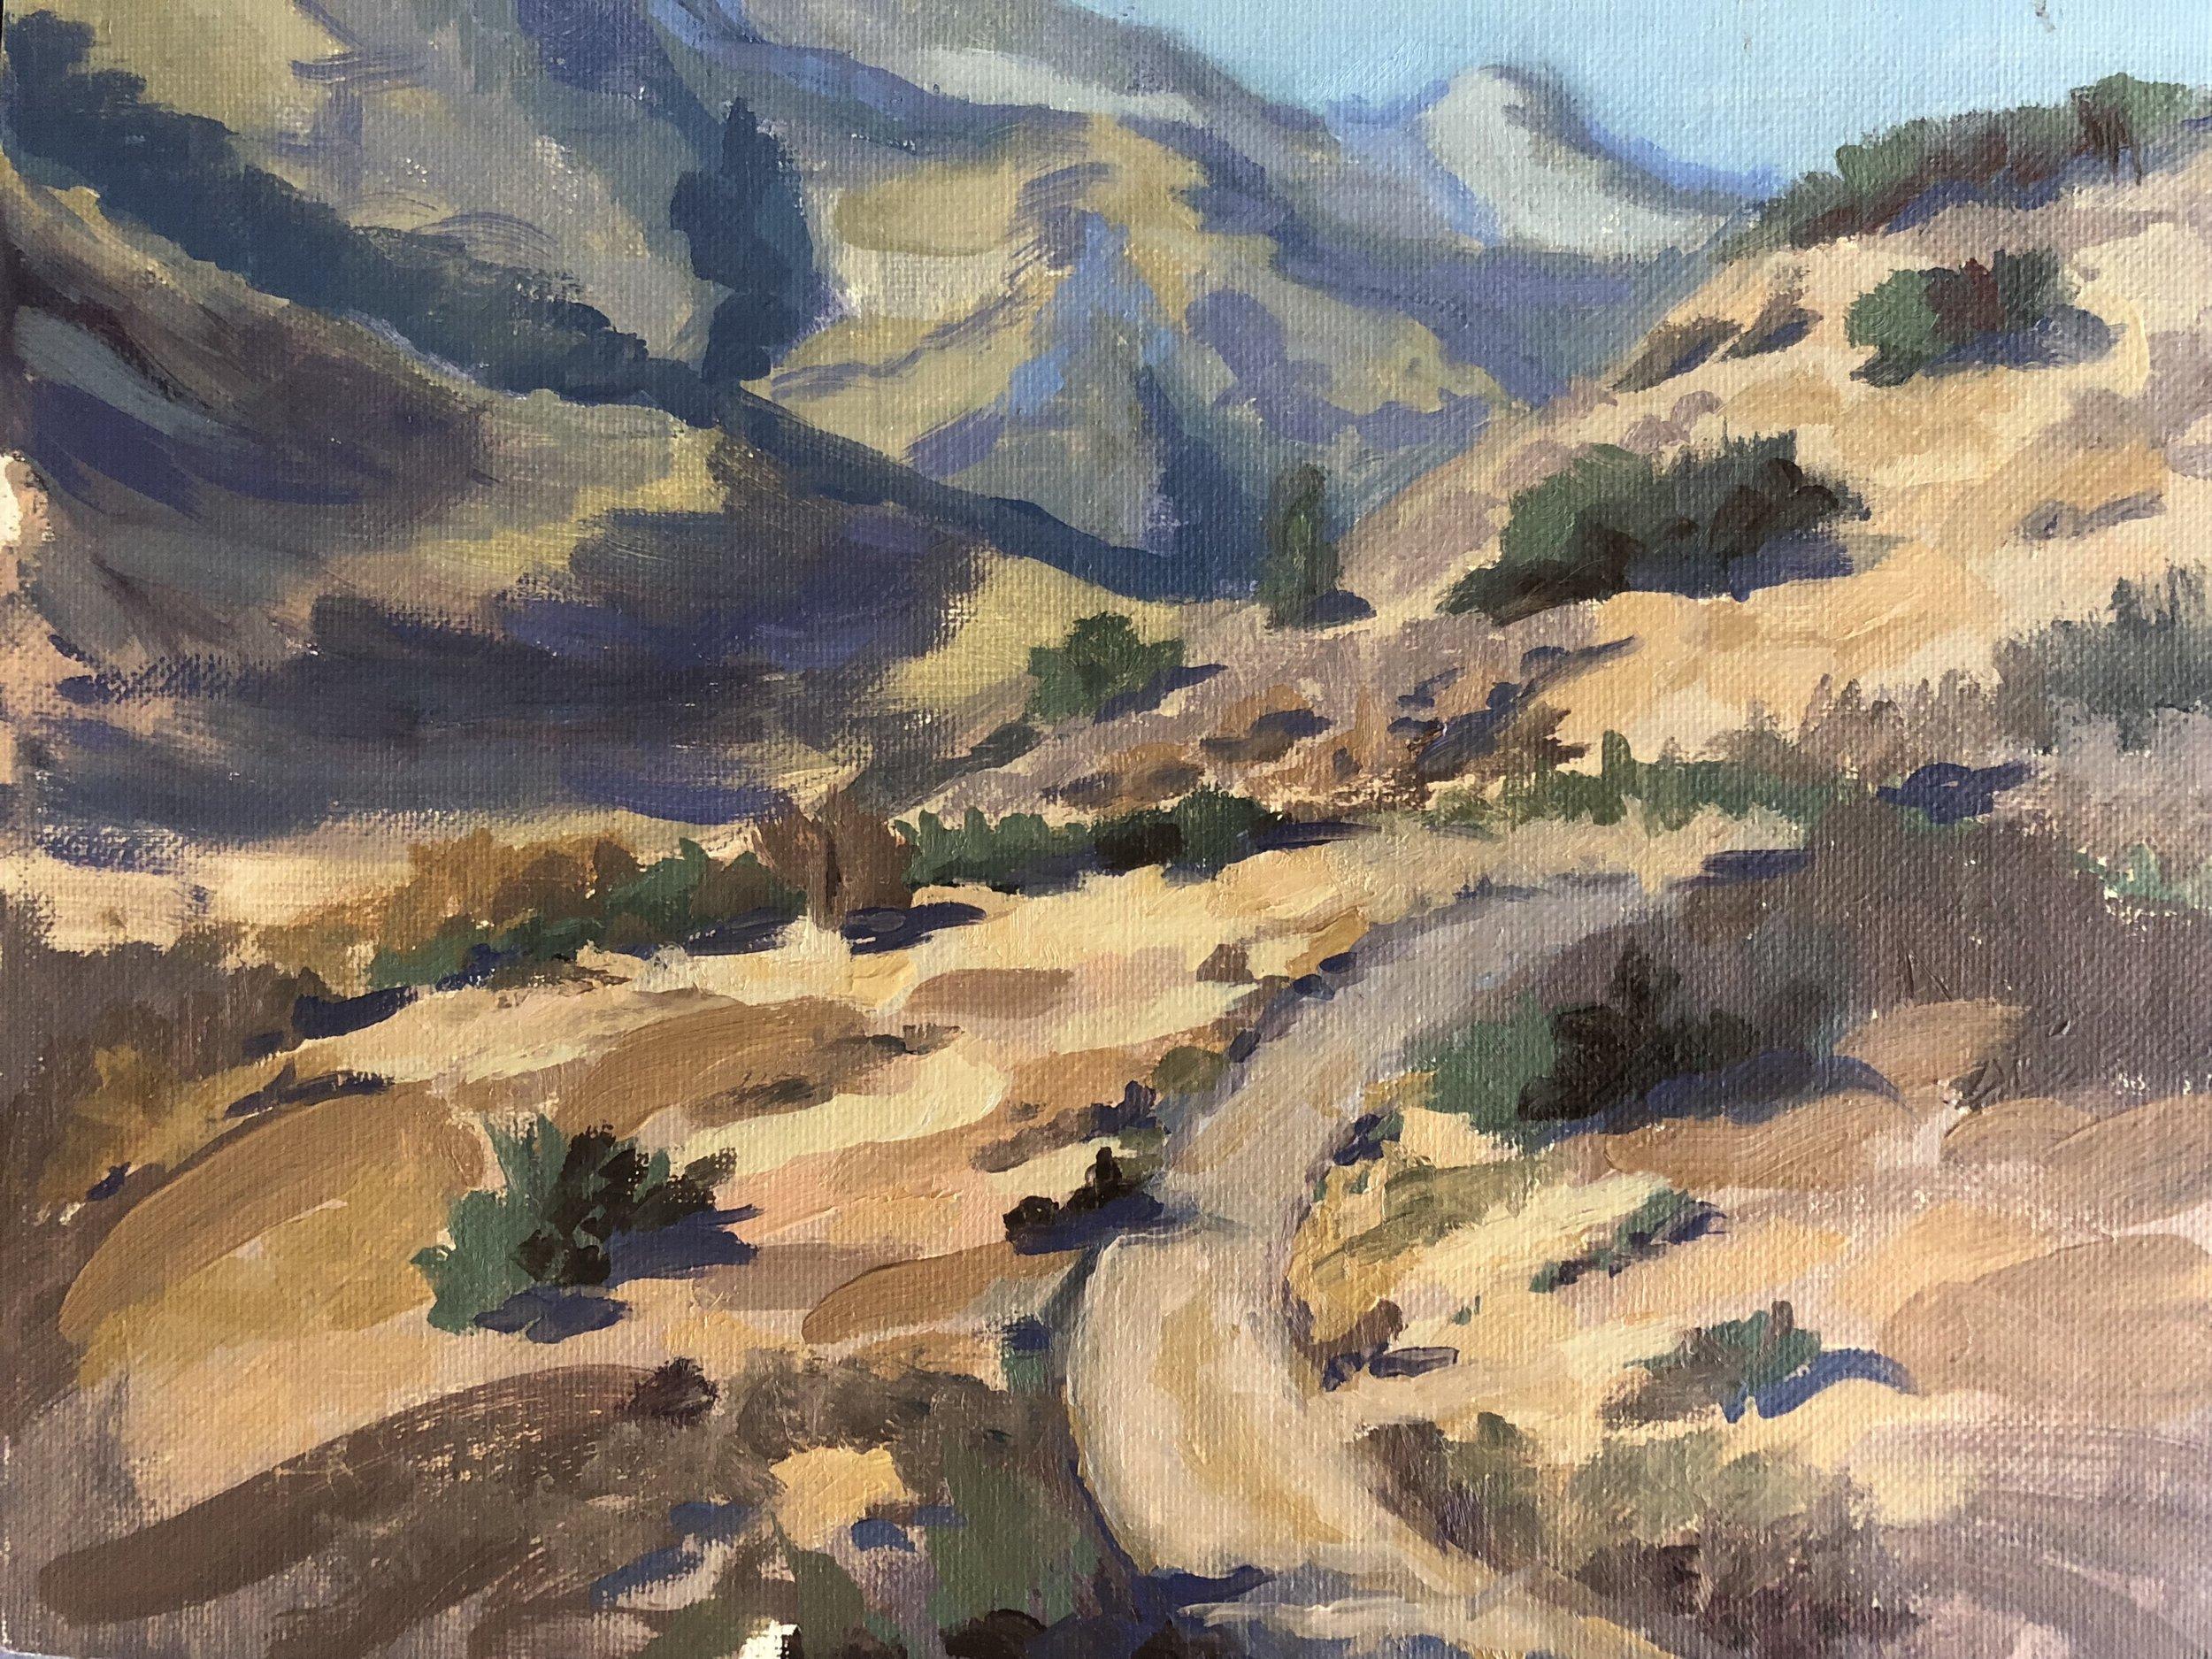 Santiago Canyon Path